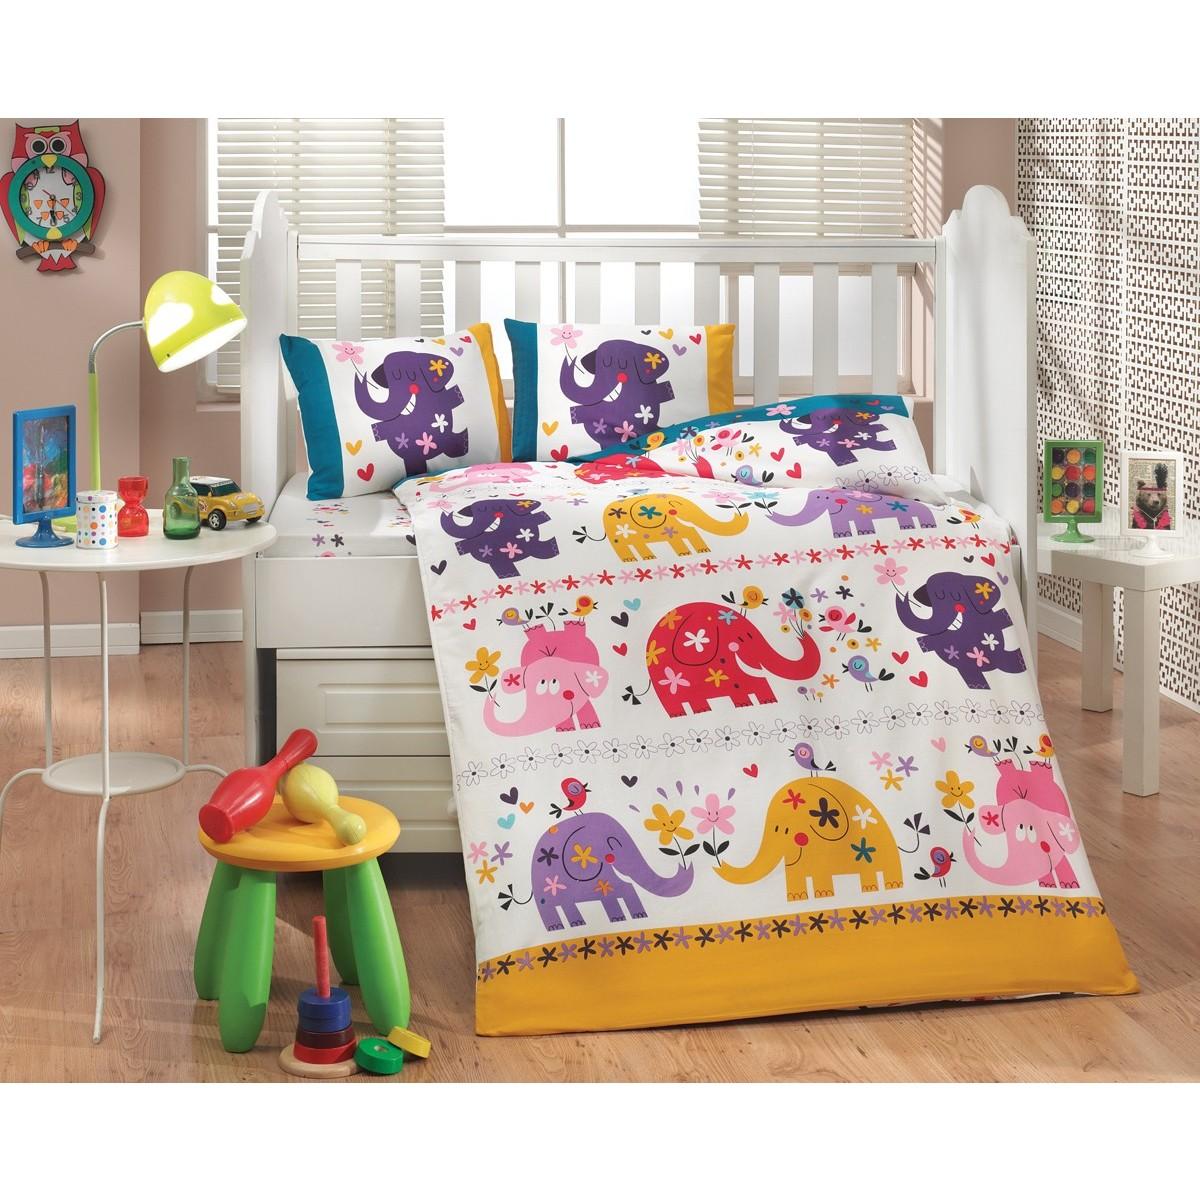 Комплект Постельного Белья В Кроватку Hobby Home Collection Oscar 1607000166 Поплин